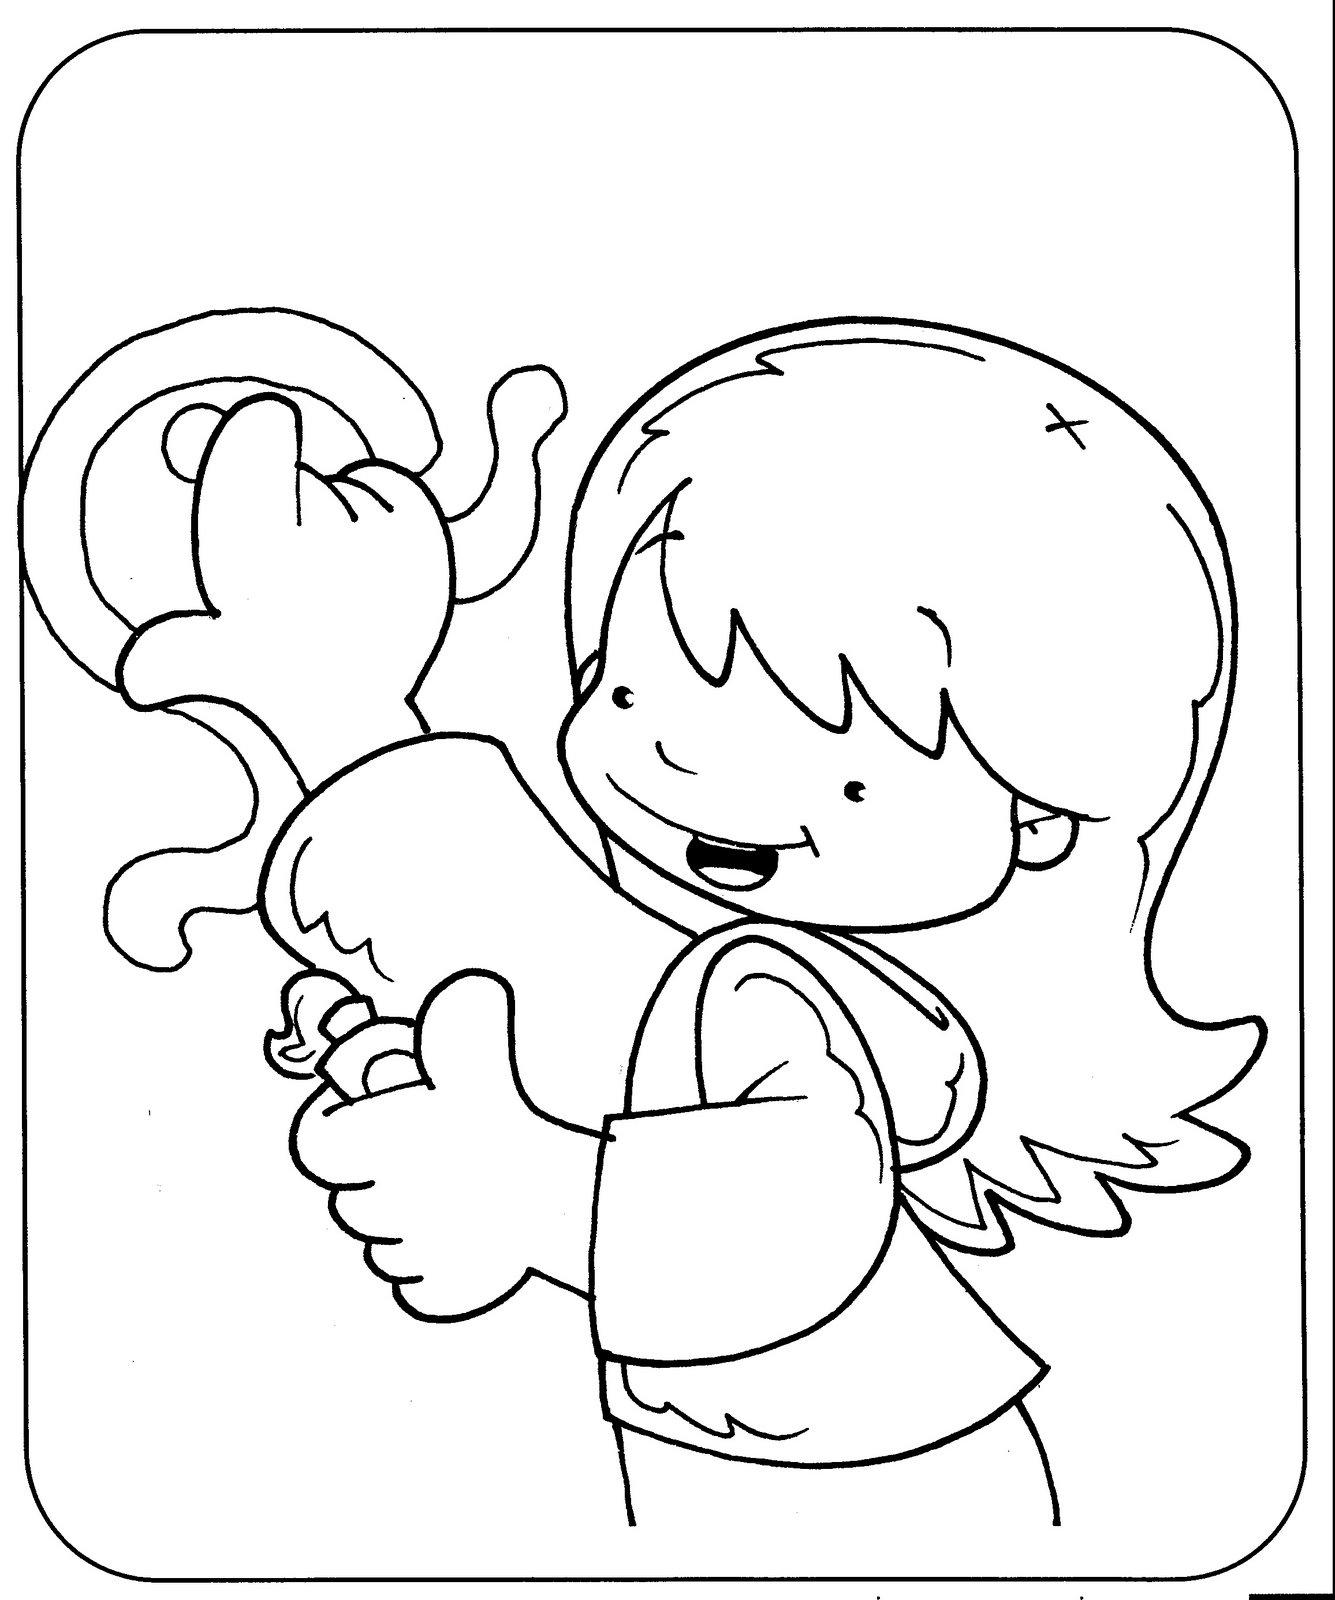 El rincon de la infancia: ♥ Rutinas Diarias (Dibujos )♥